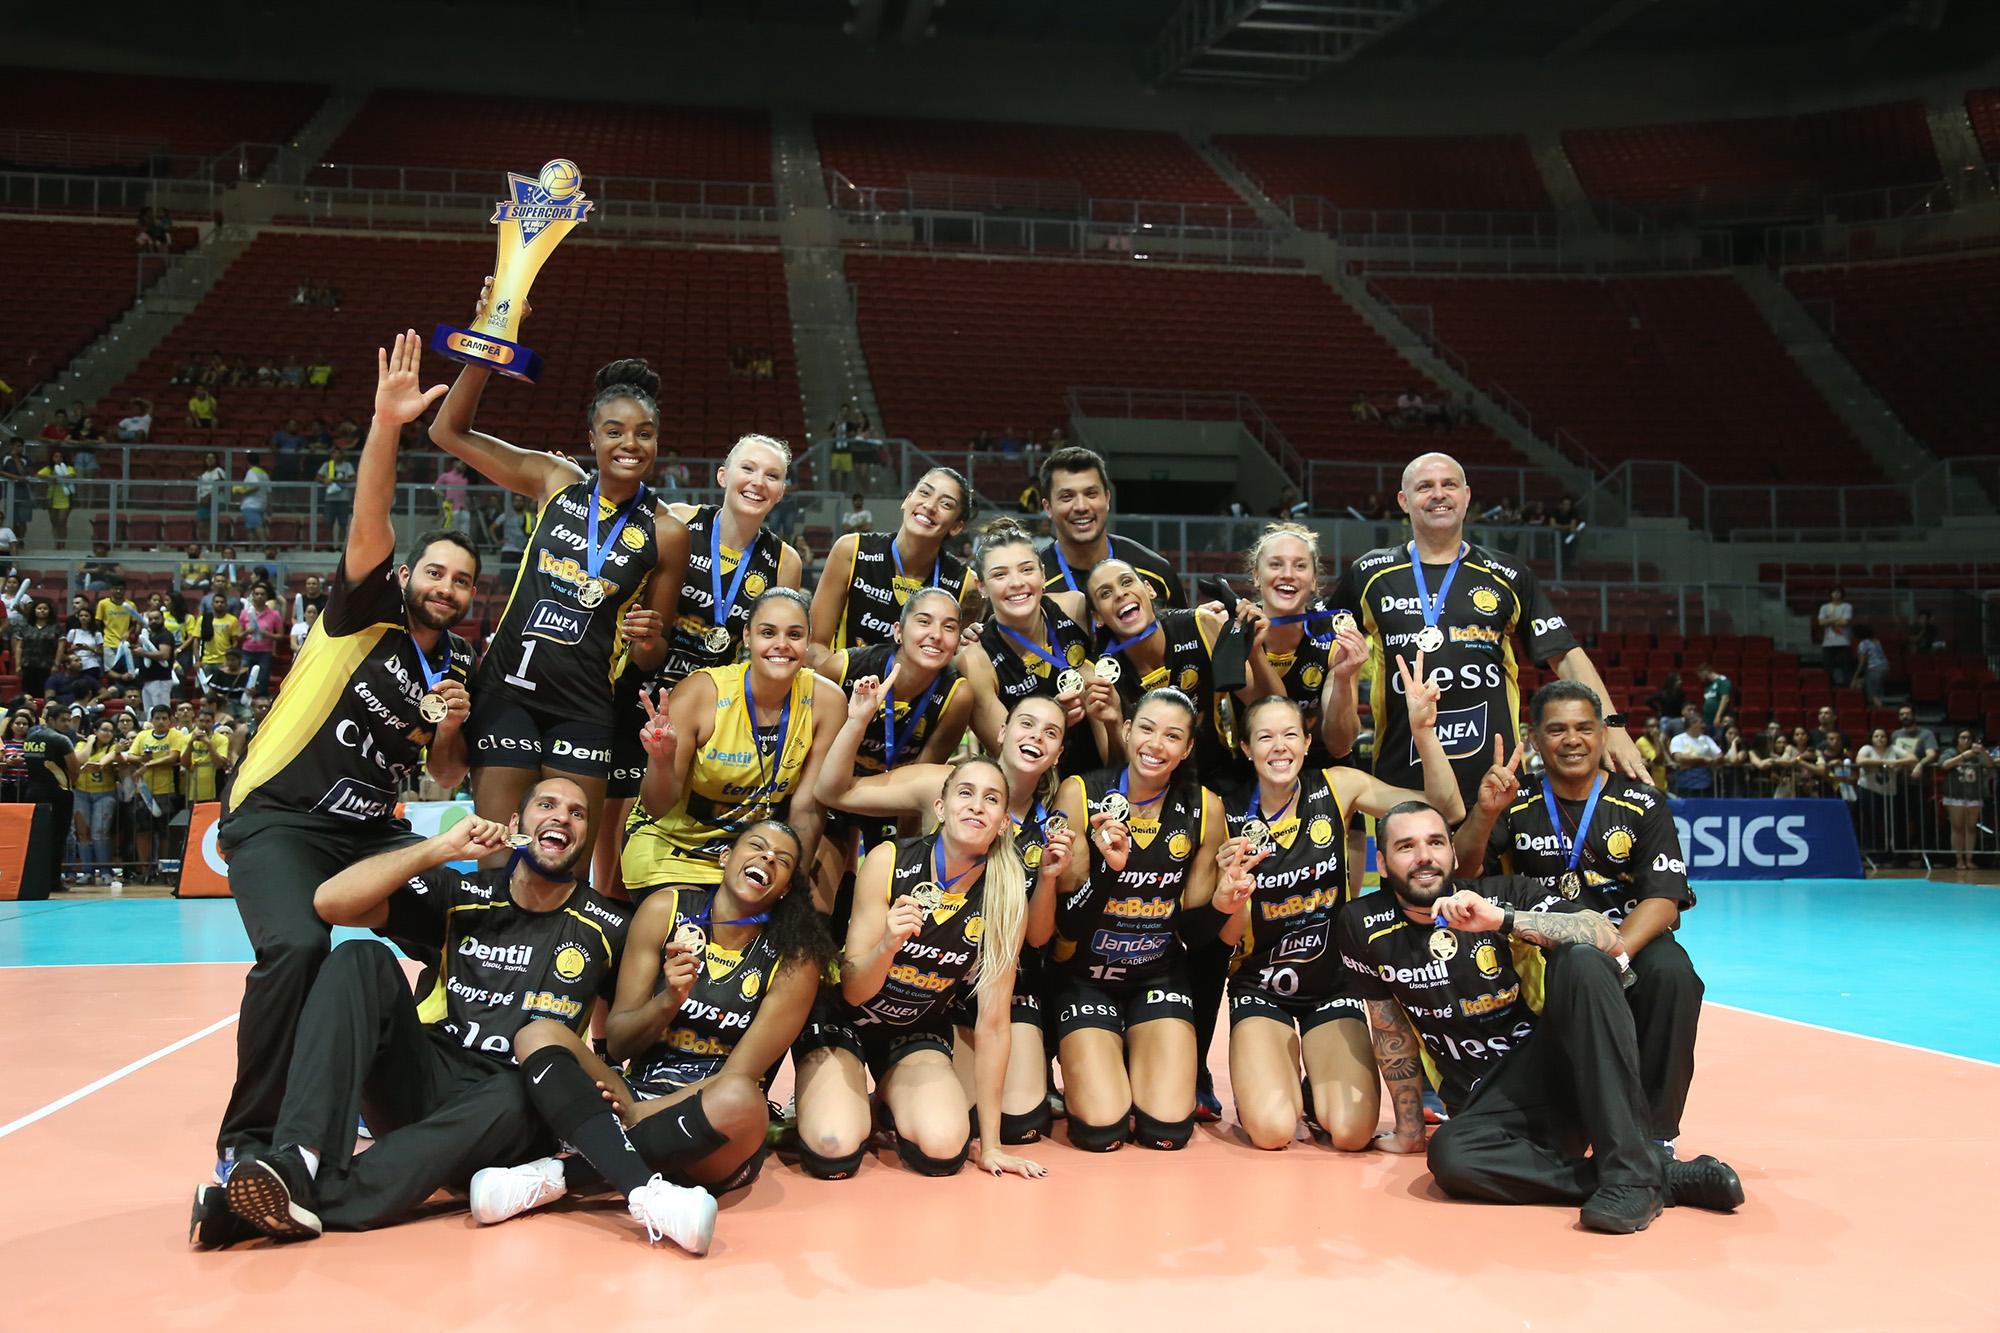 Dentil/Praia Clube é campeão da edição 2018